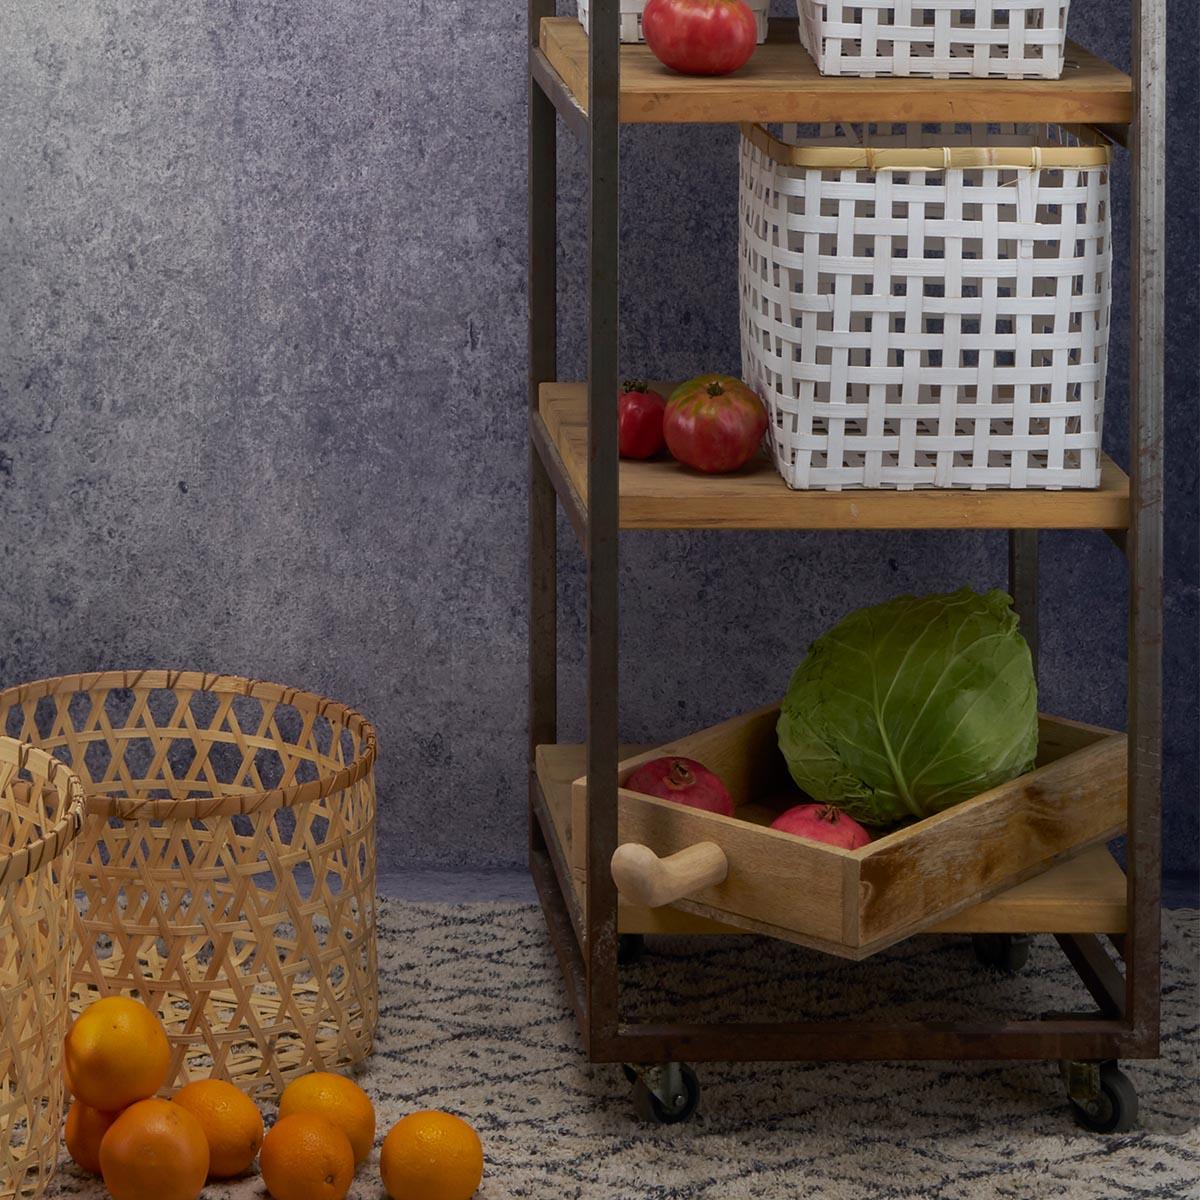 andeja Madera Mango Servir Brillante Color Blanco Brillante Natural Cuadrada - Ensalada Fruta Estilo